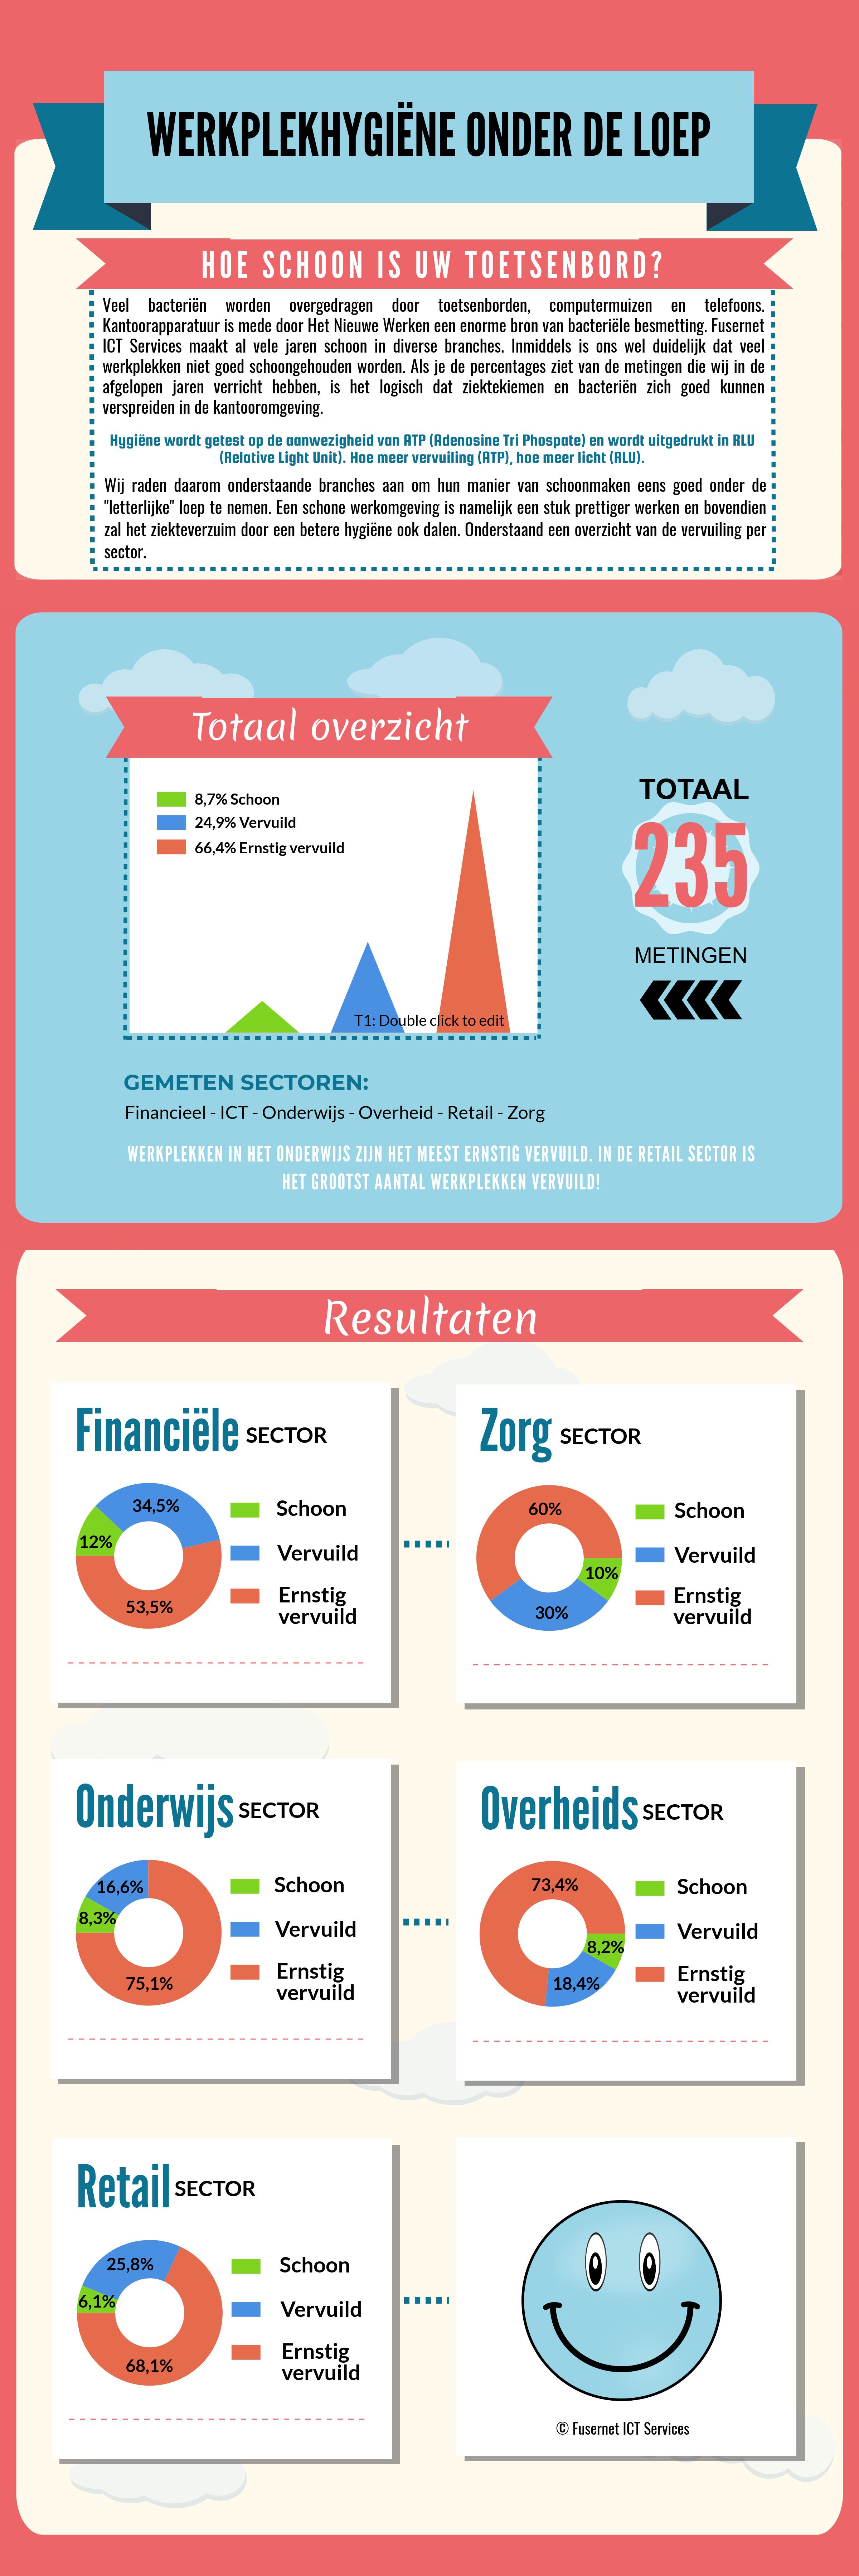 [infographic] Fusernet ICT Services - Hoe schoon is uw toetsenbord